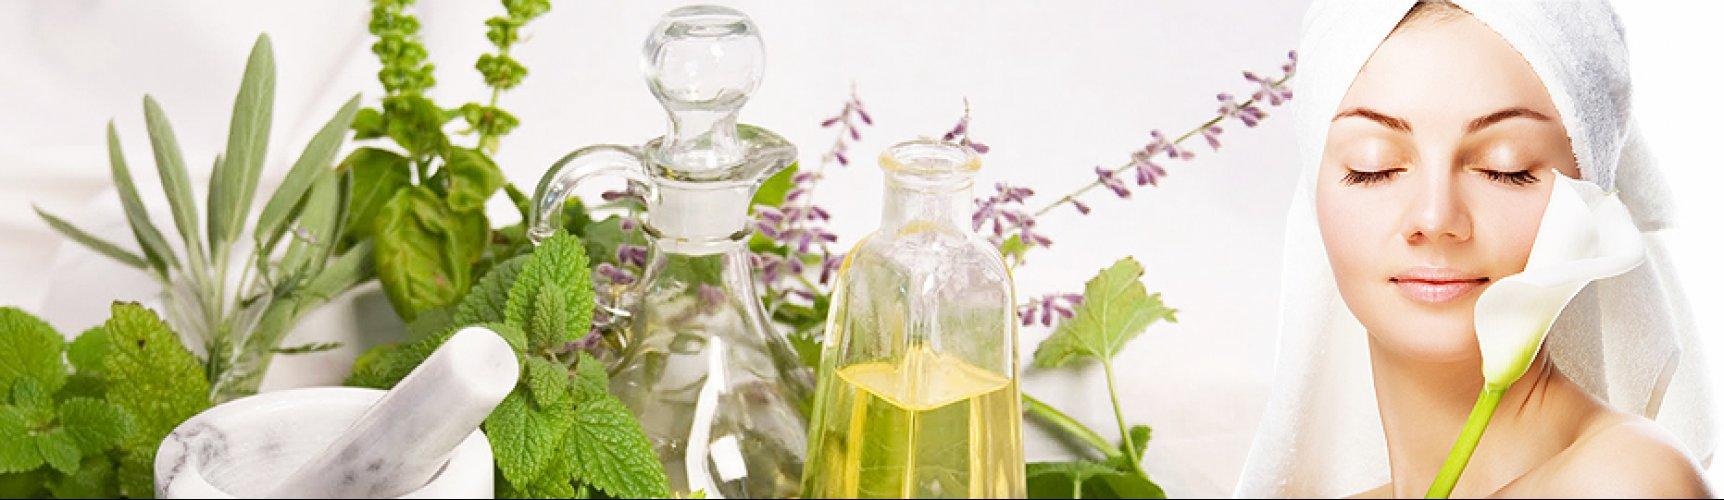 Косметика МИРРА это: - натуральное высококачественное растительное сырье